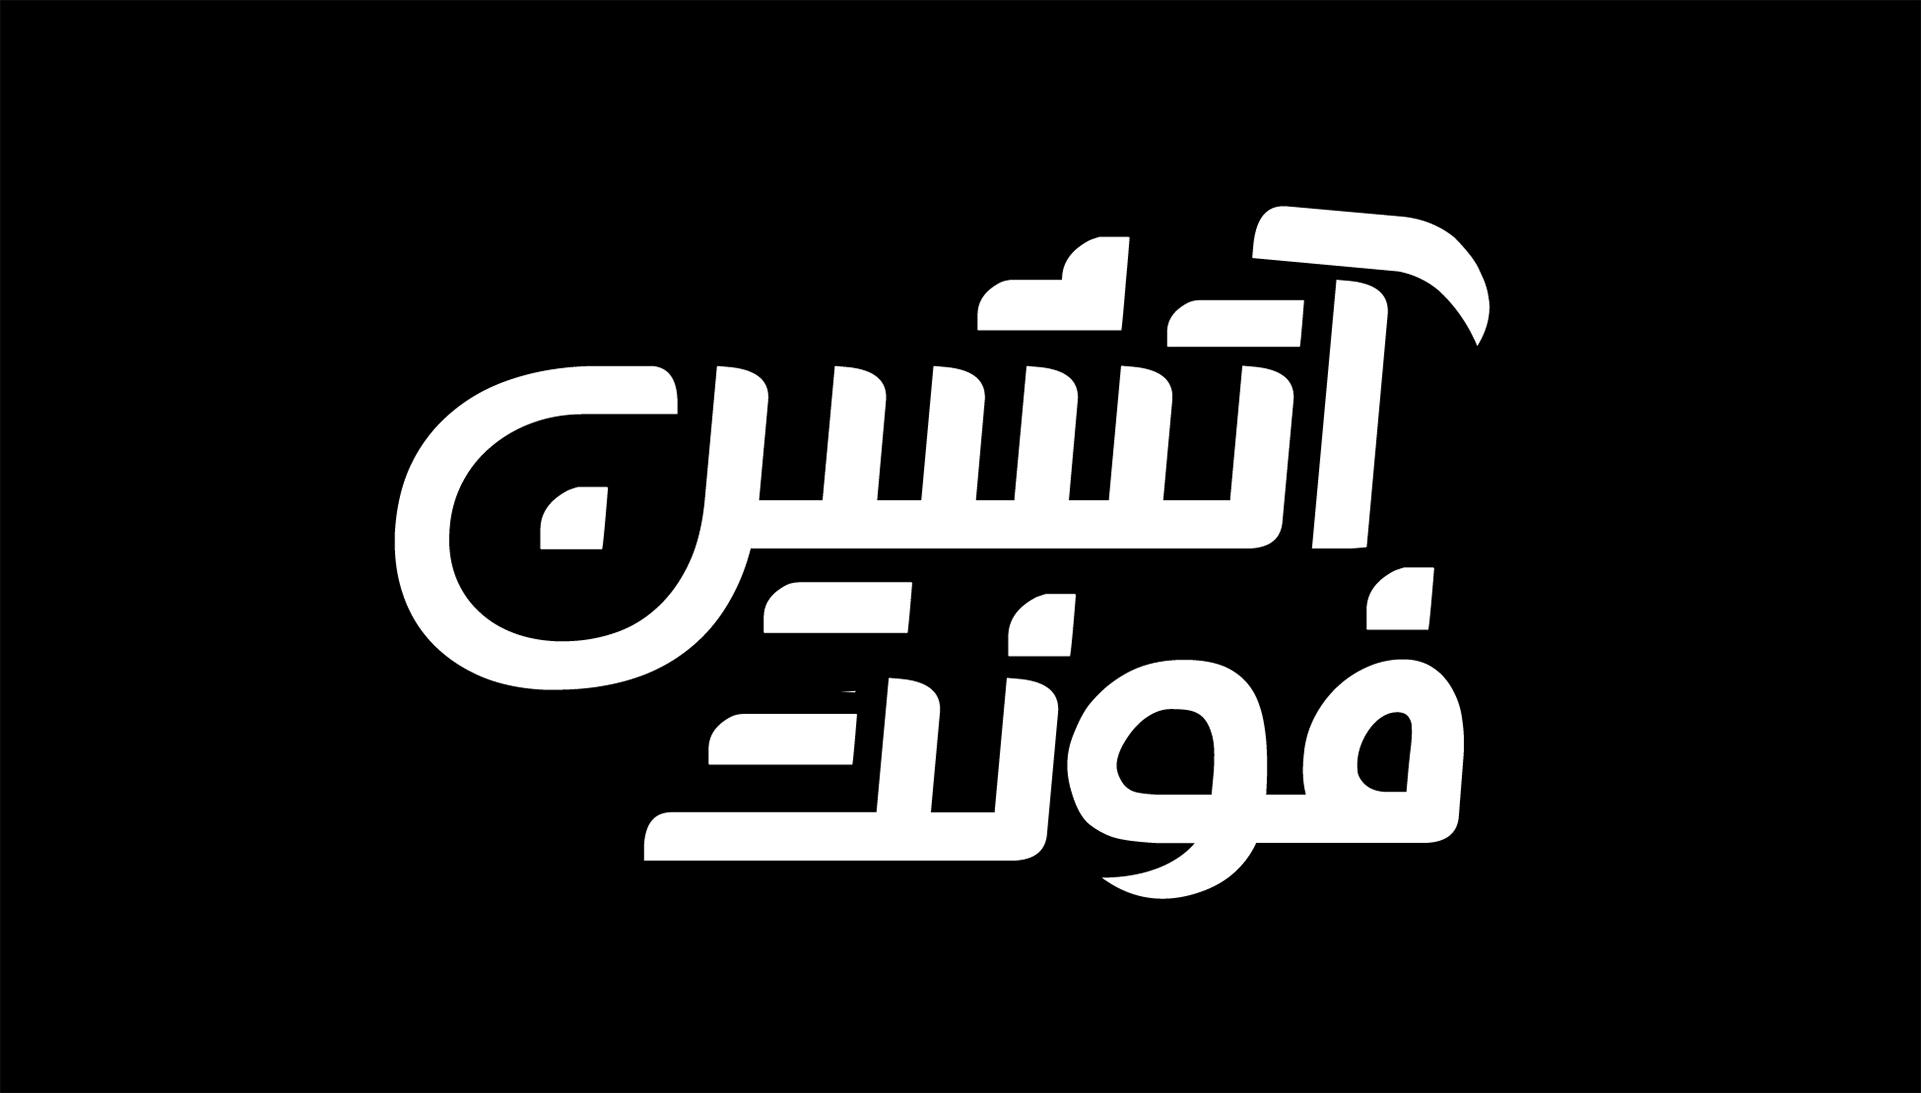 دانلود فونت فارسی آتشین